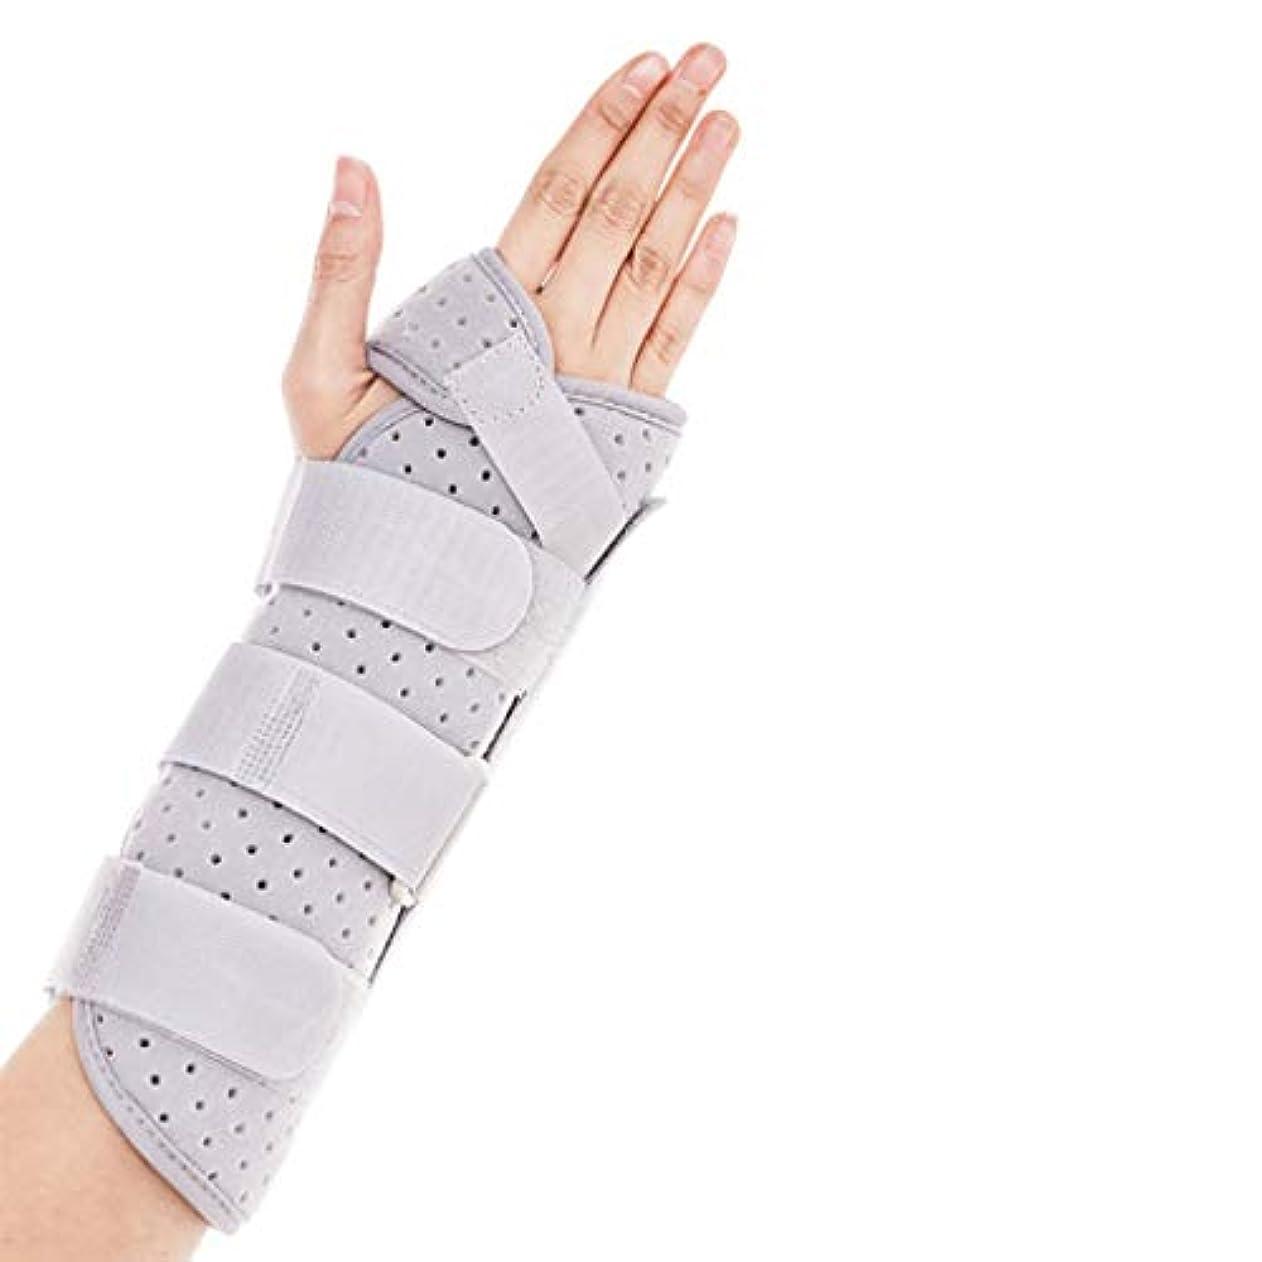 悪い仕様バンドル引き金のための指の袖サポートプロテクター指マレット指指のナックル固定指骨折創傷術後のケアと痛みの軽減,L